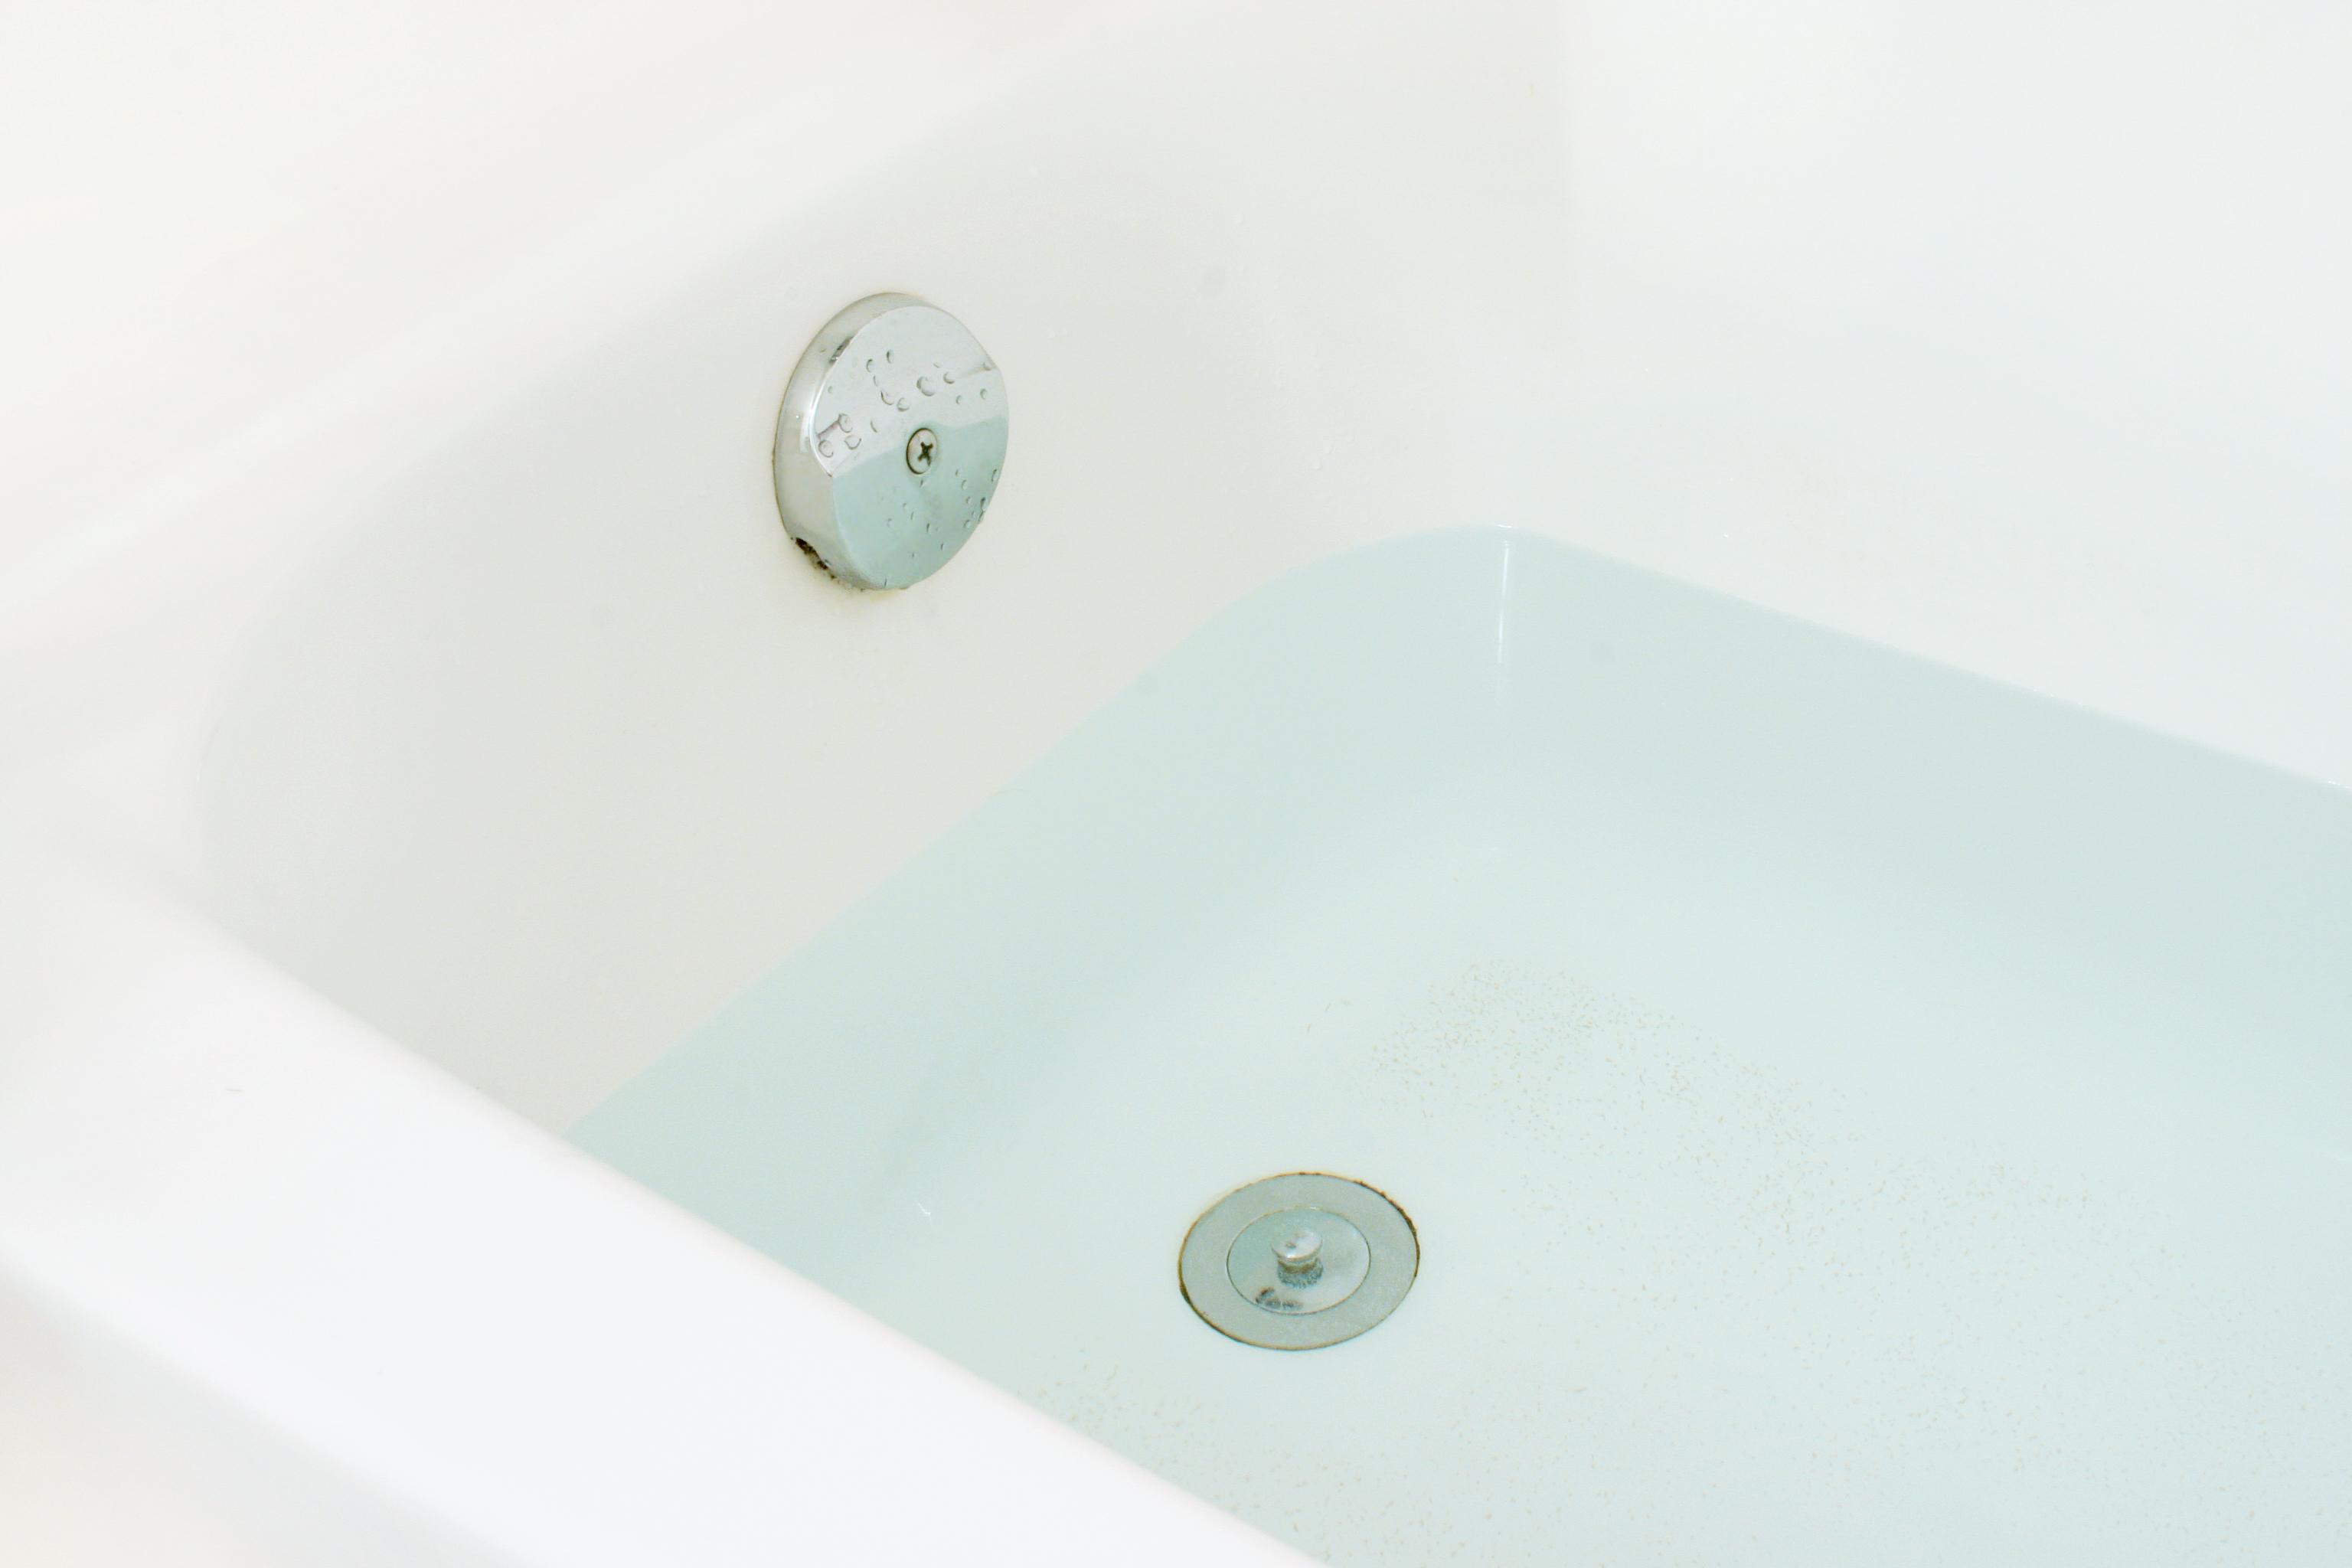 How To Change A Bathtub Drain Home Guides Sf Gate